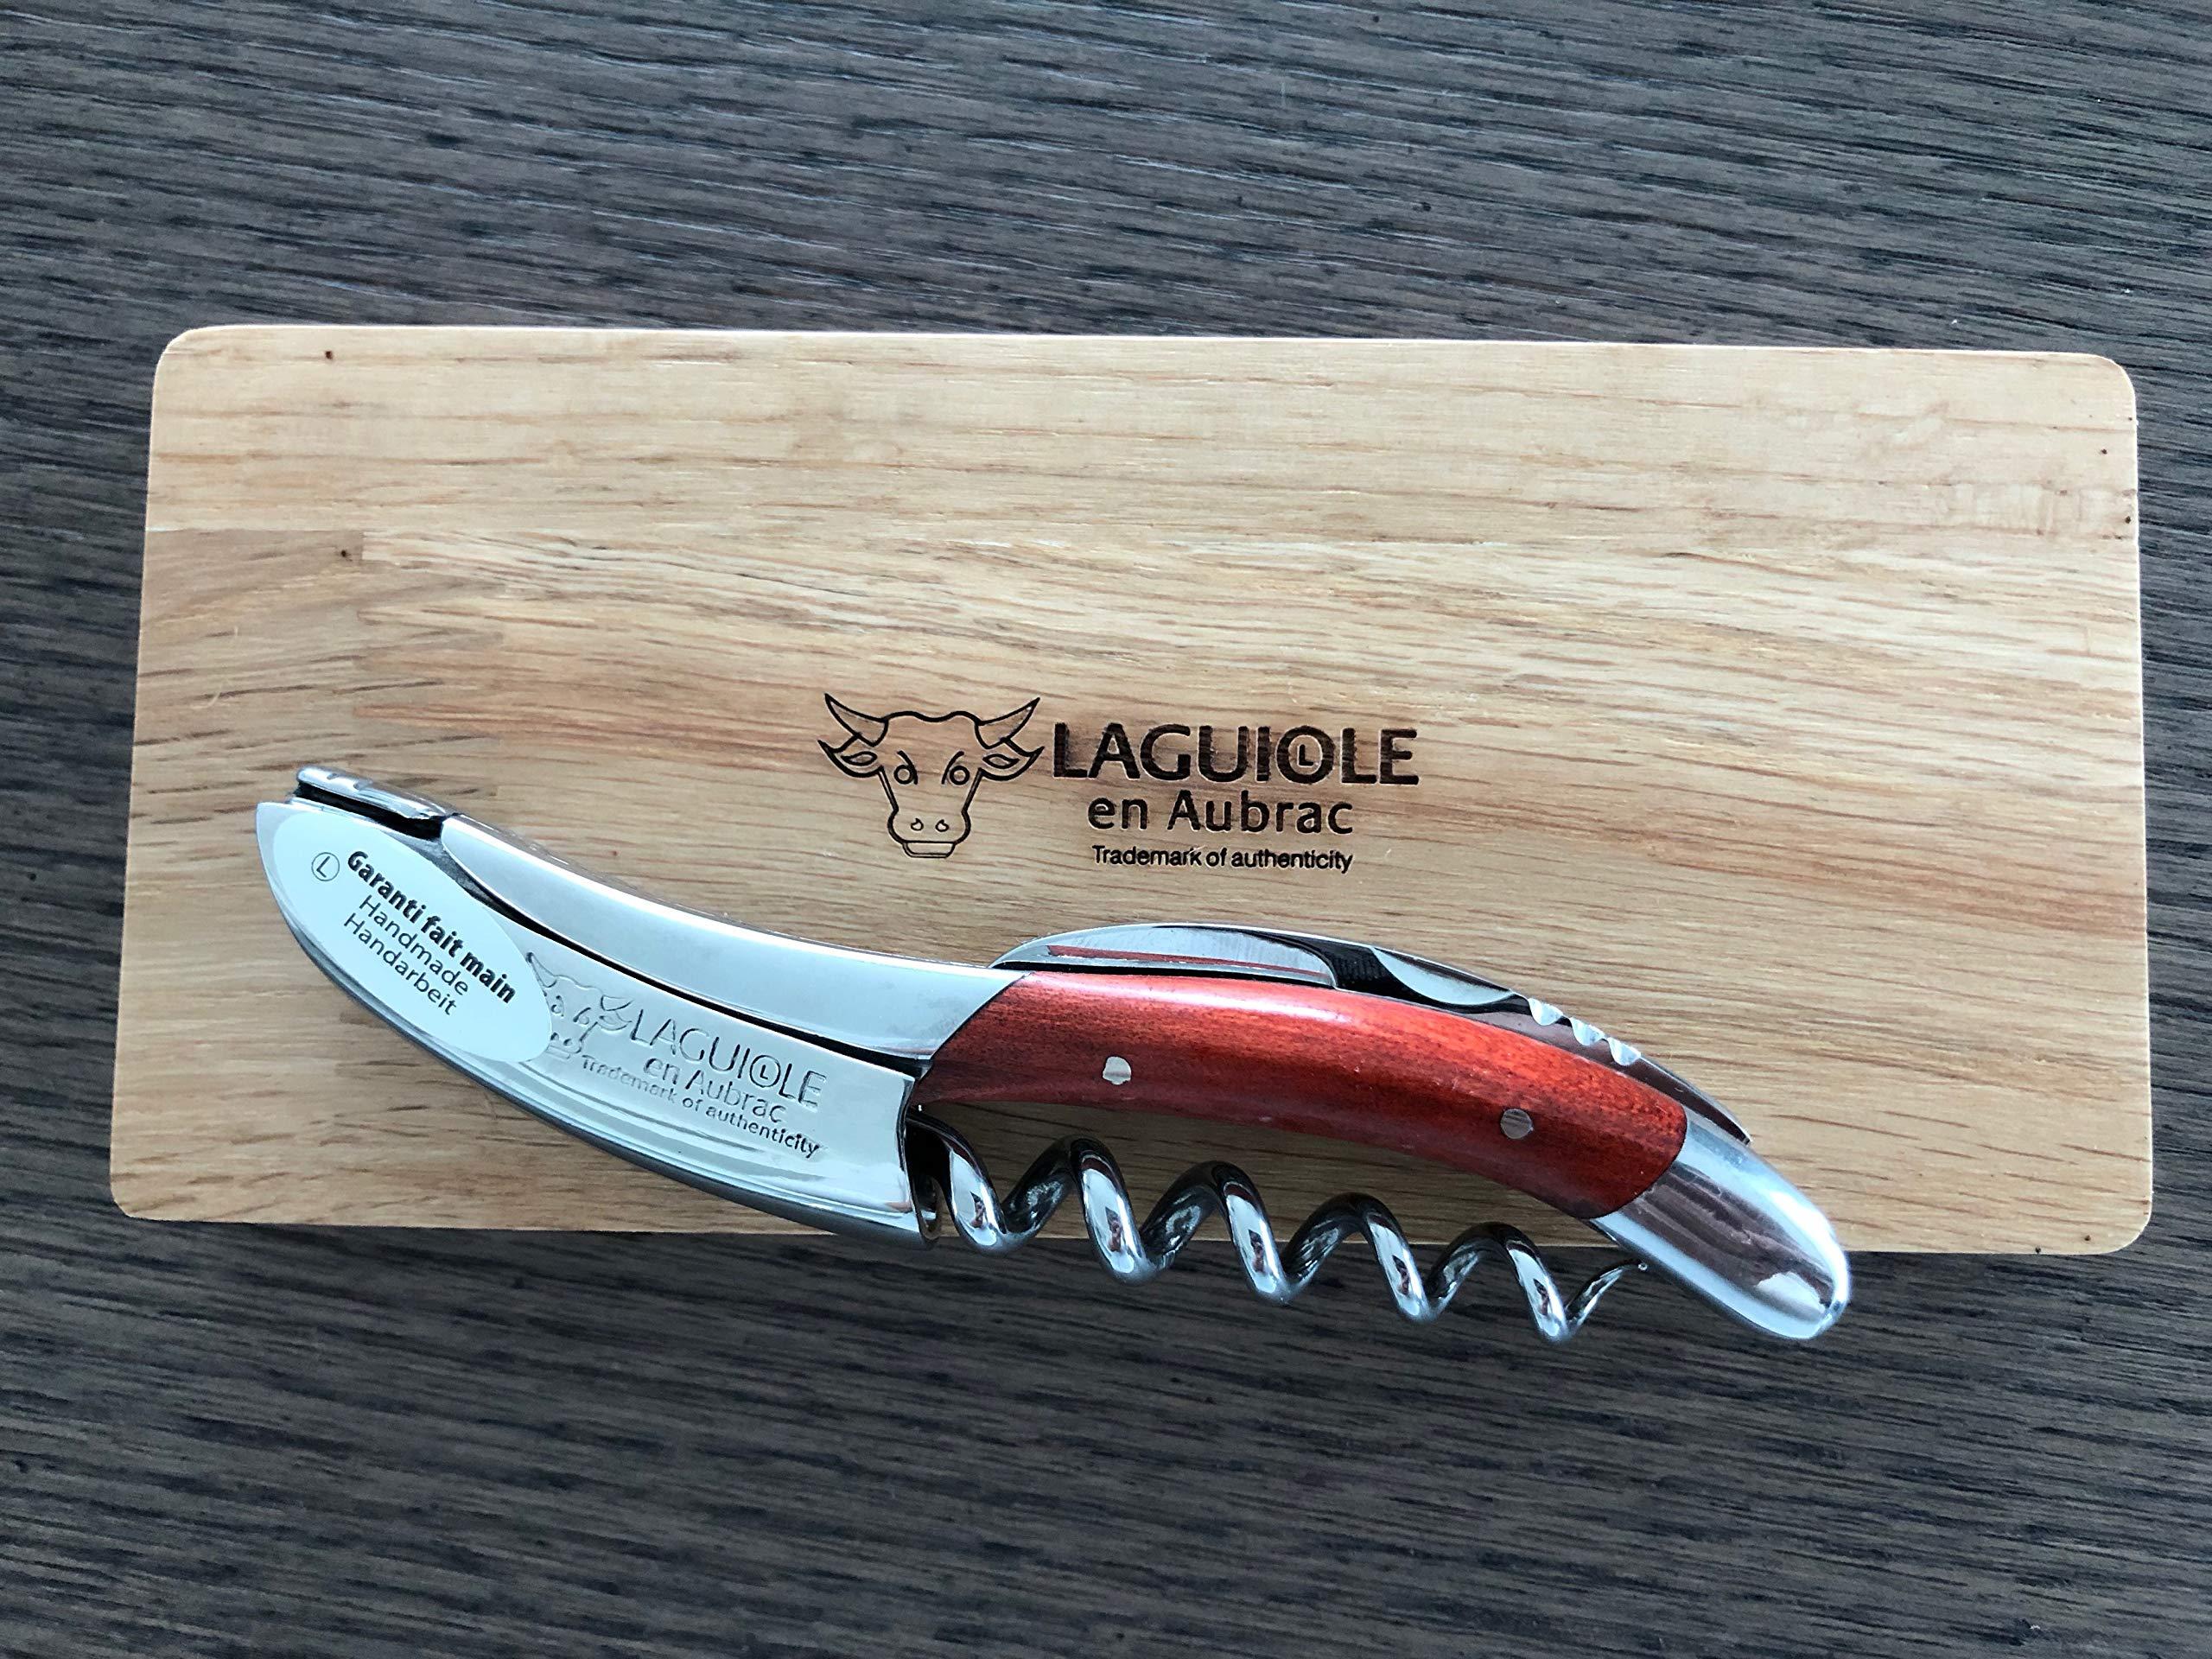 Laguiole en Aubrac Sommelier Waiter's Corkscrew, Red Heart Handle by Laguiole en Aubrac